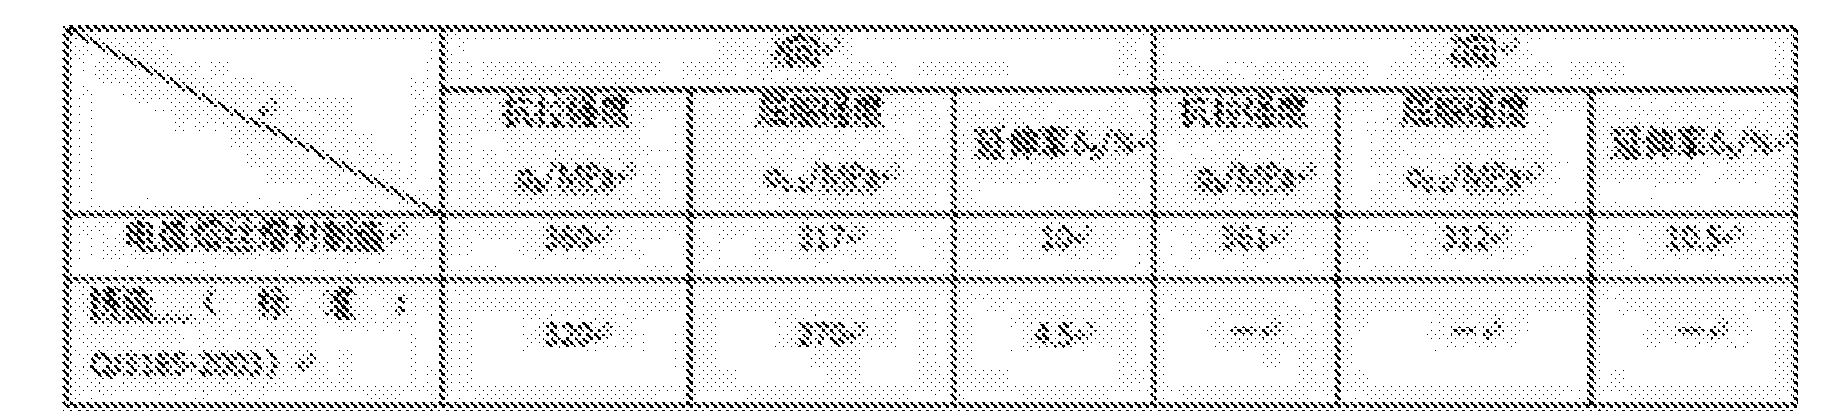 Figure CN106624617BD00071